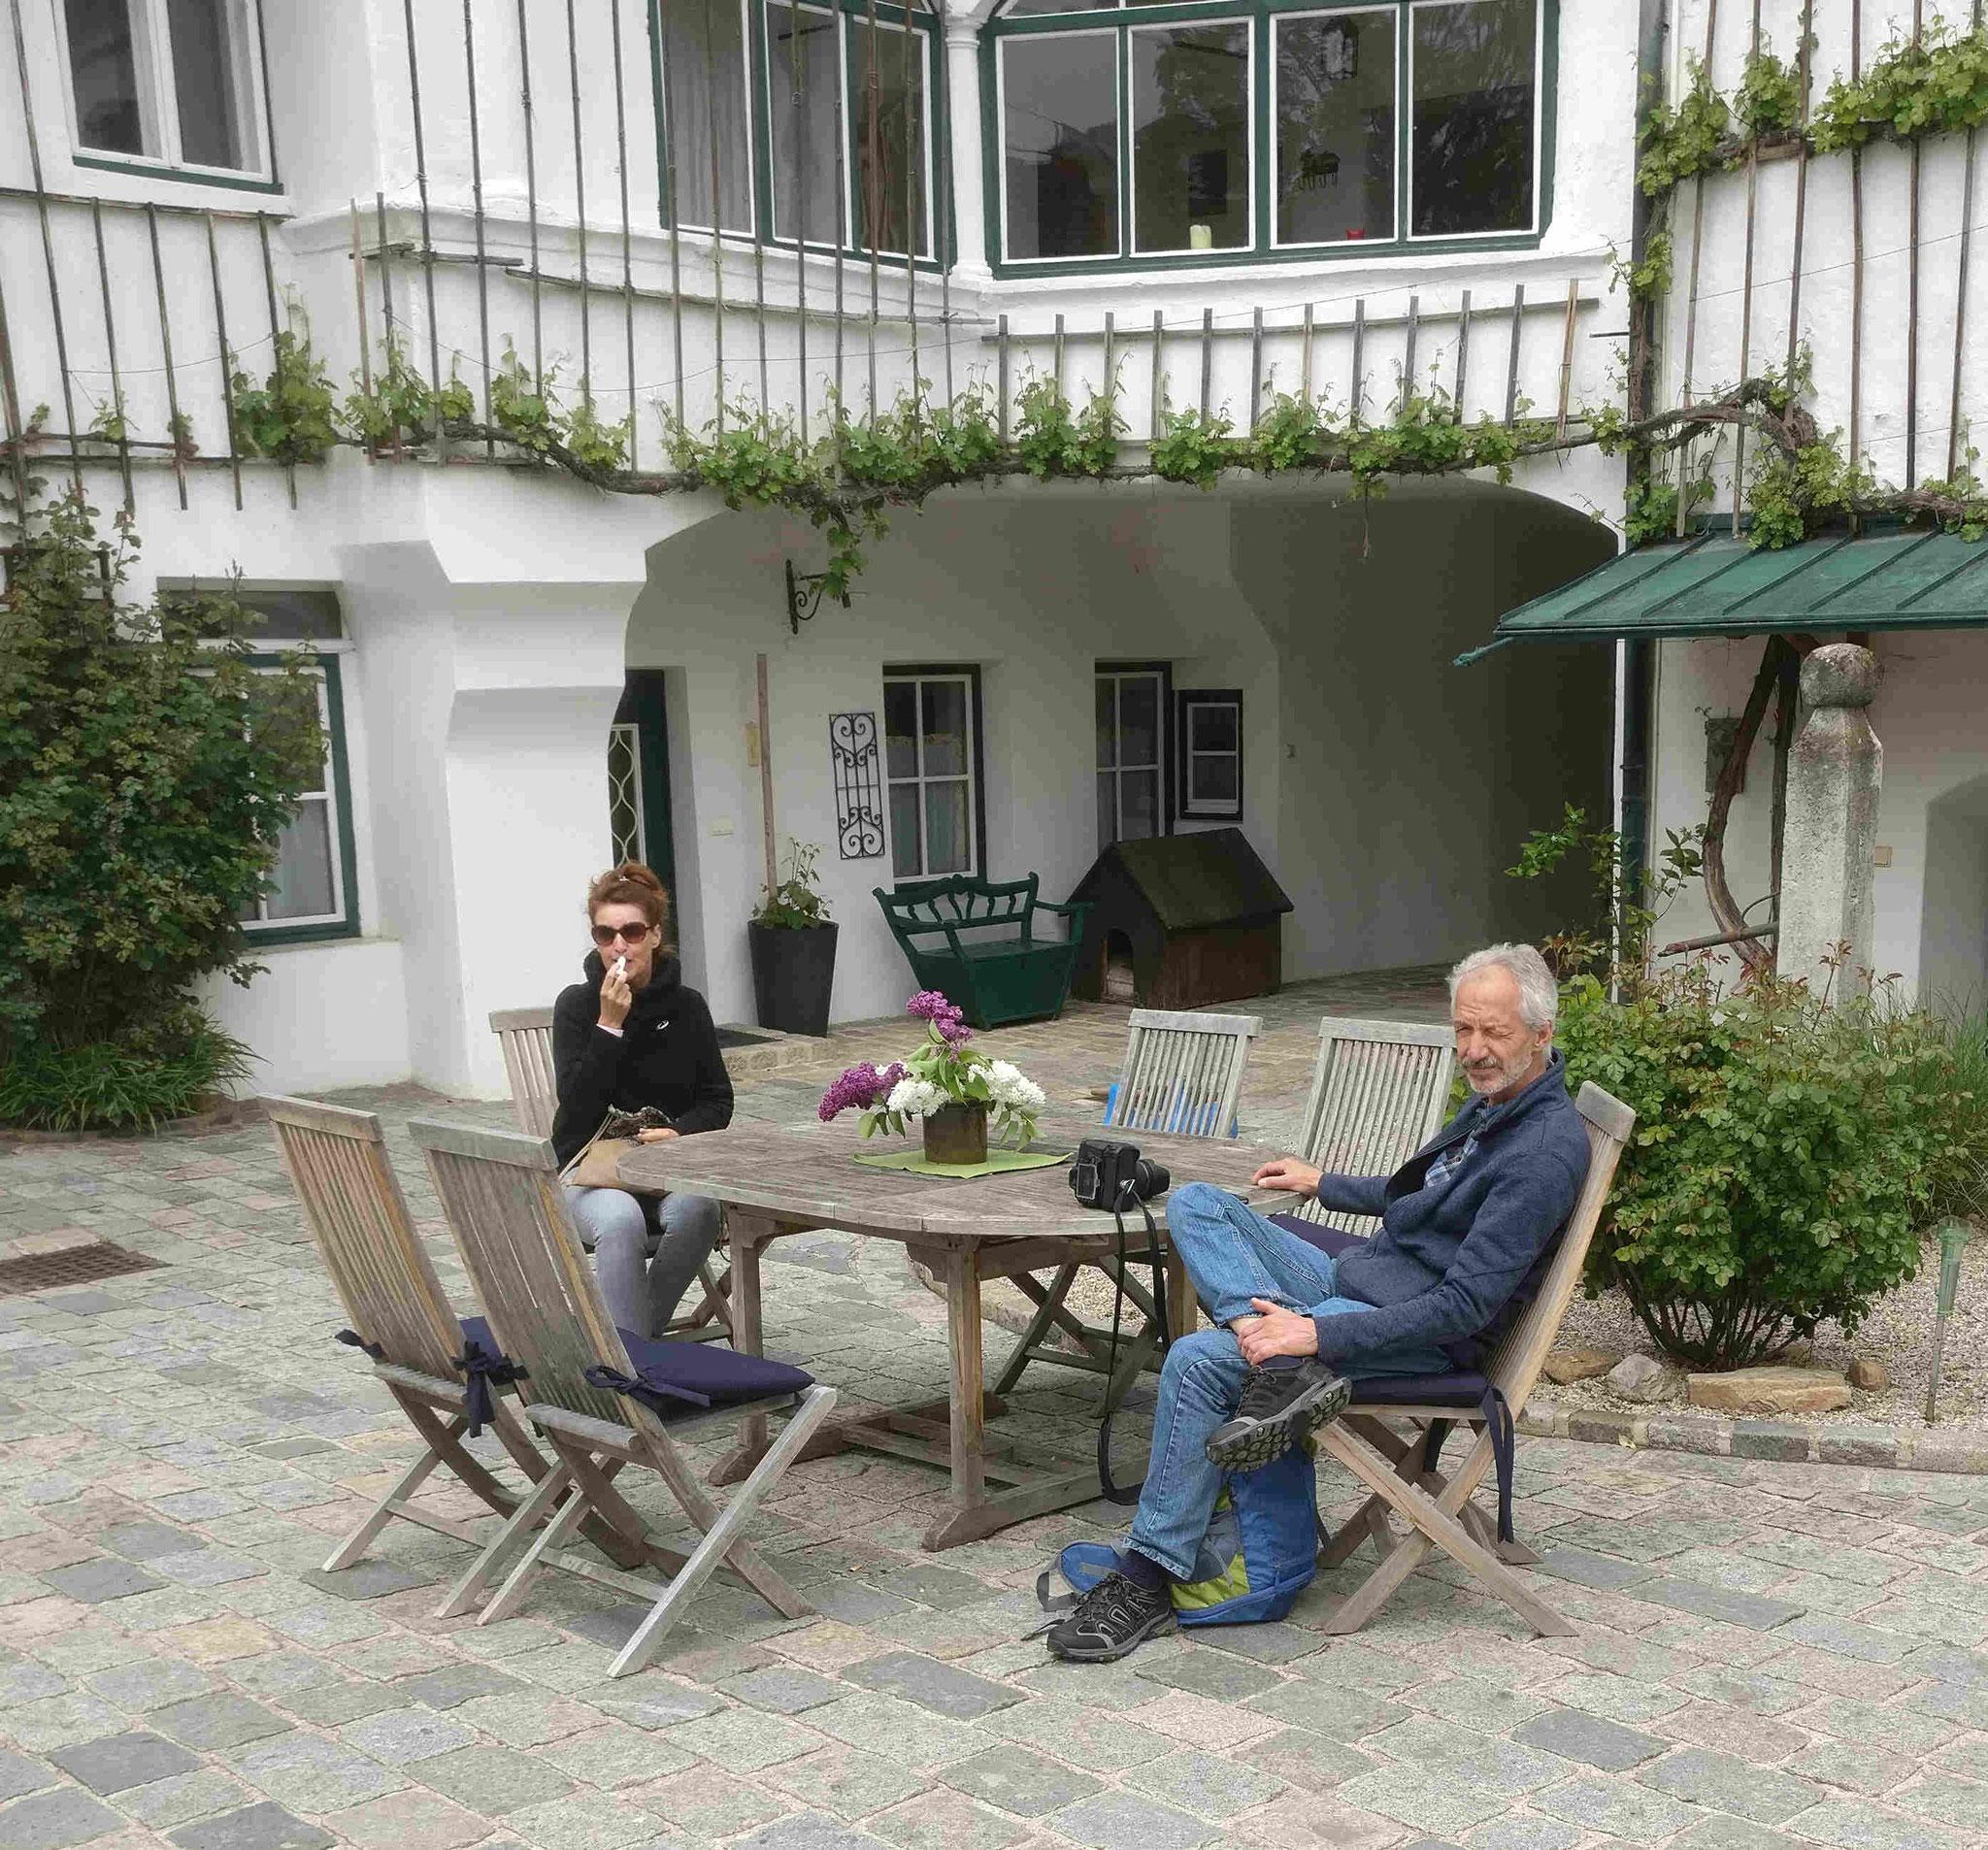 Weingut Jurtschitsch: Eine erste Rast auf dem Innenhof